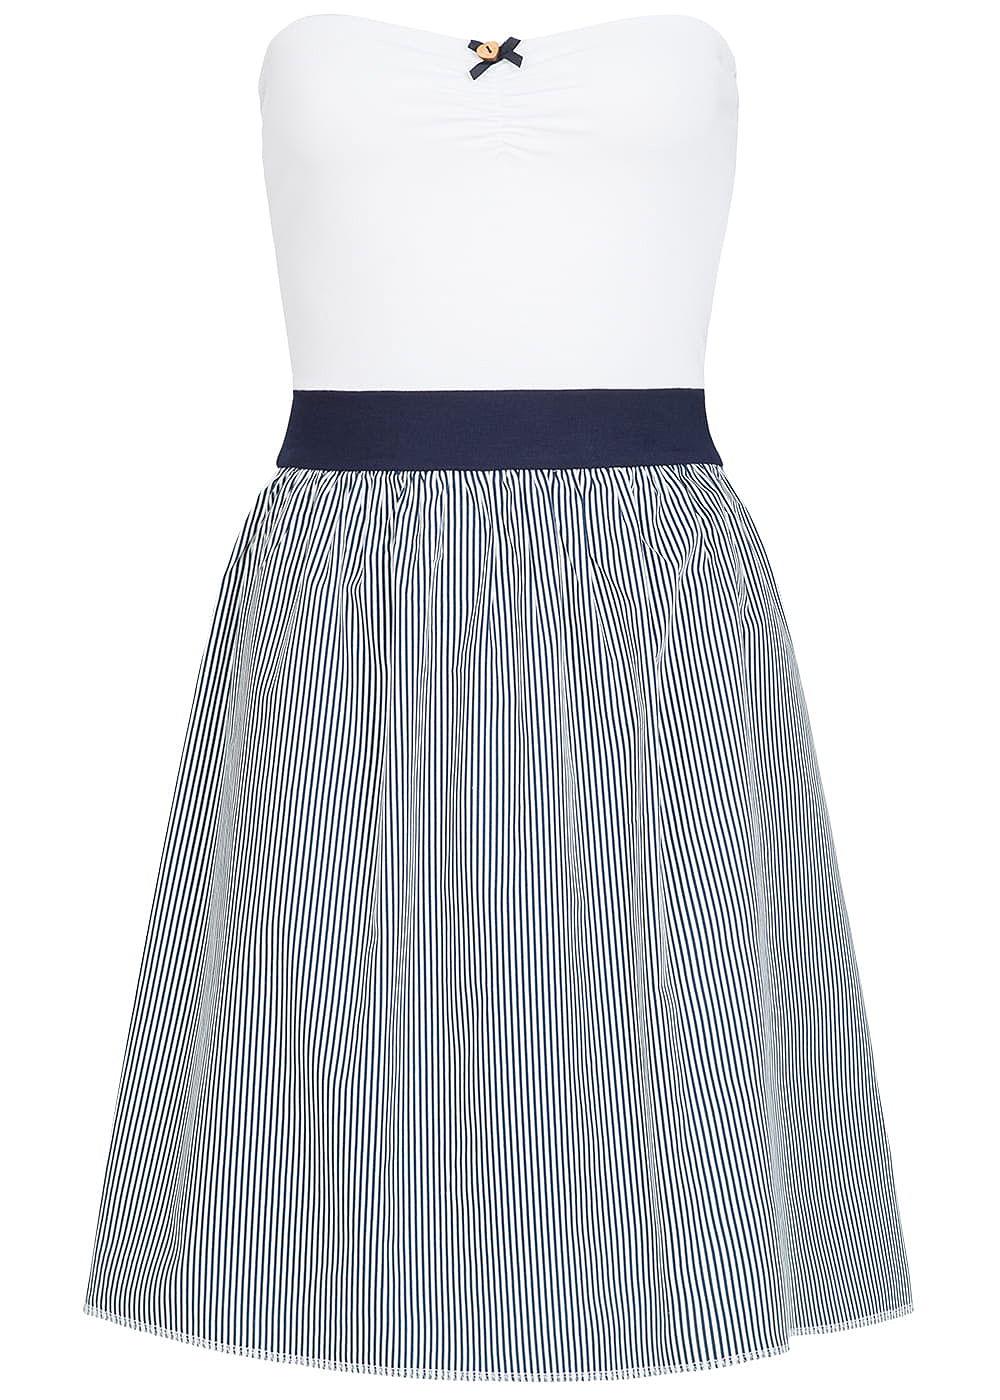 Seventyseven Lifestyle Damen Bandeau Kleid Streifen Muster ...